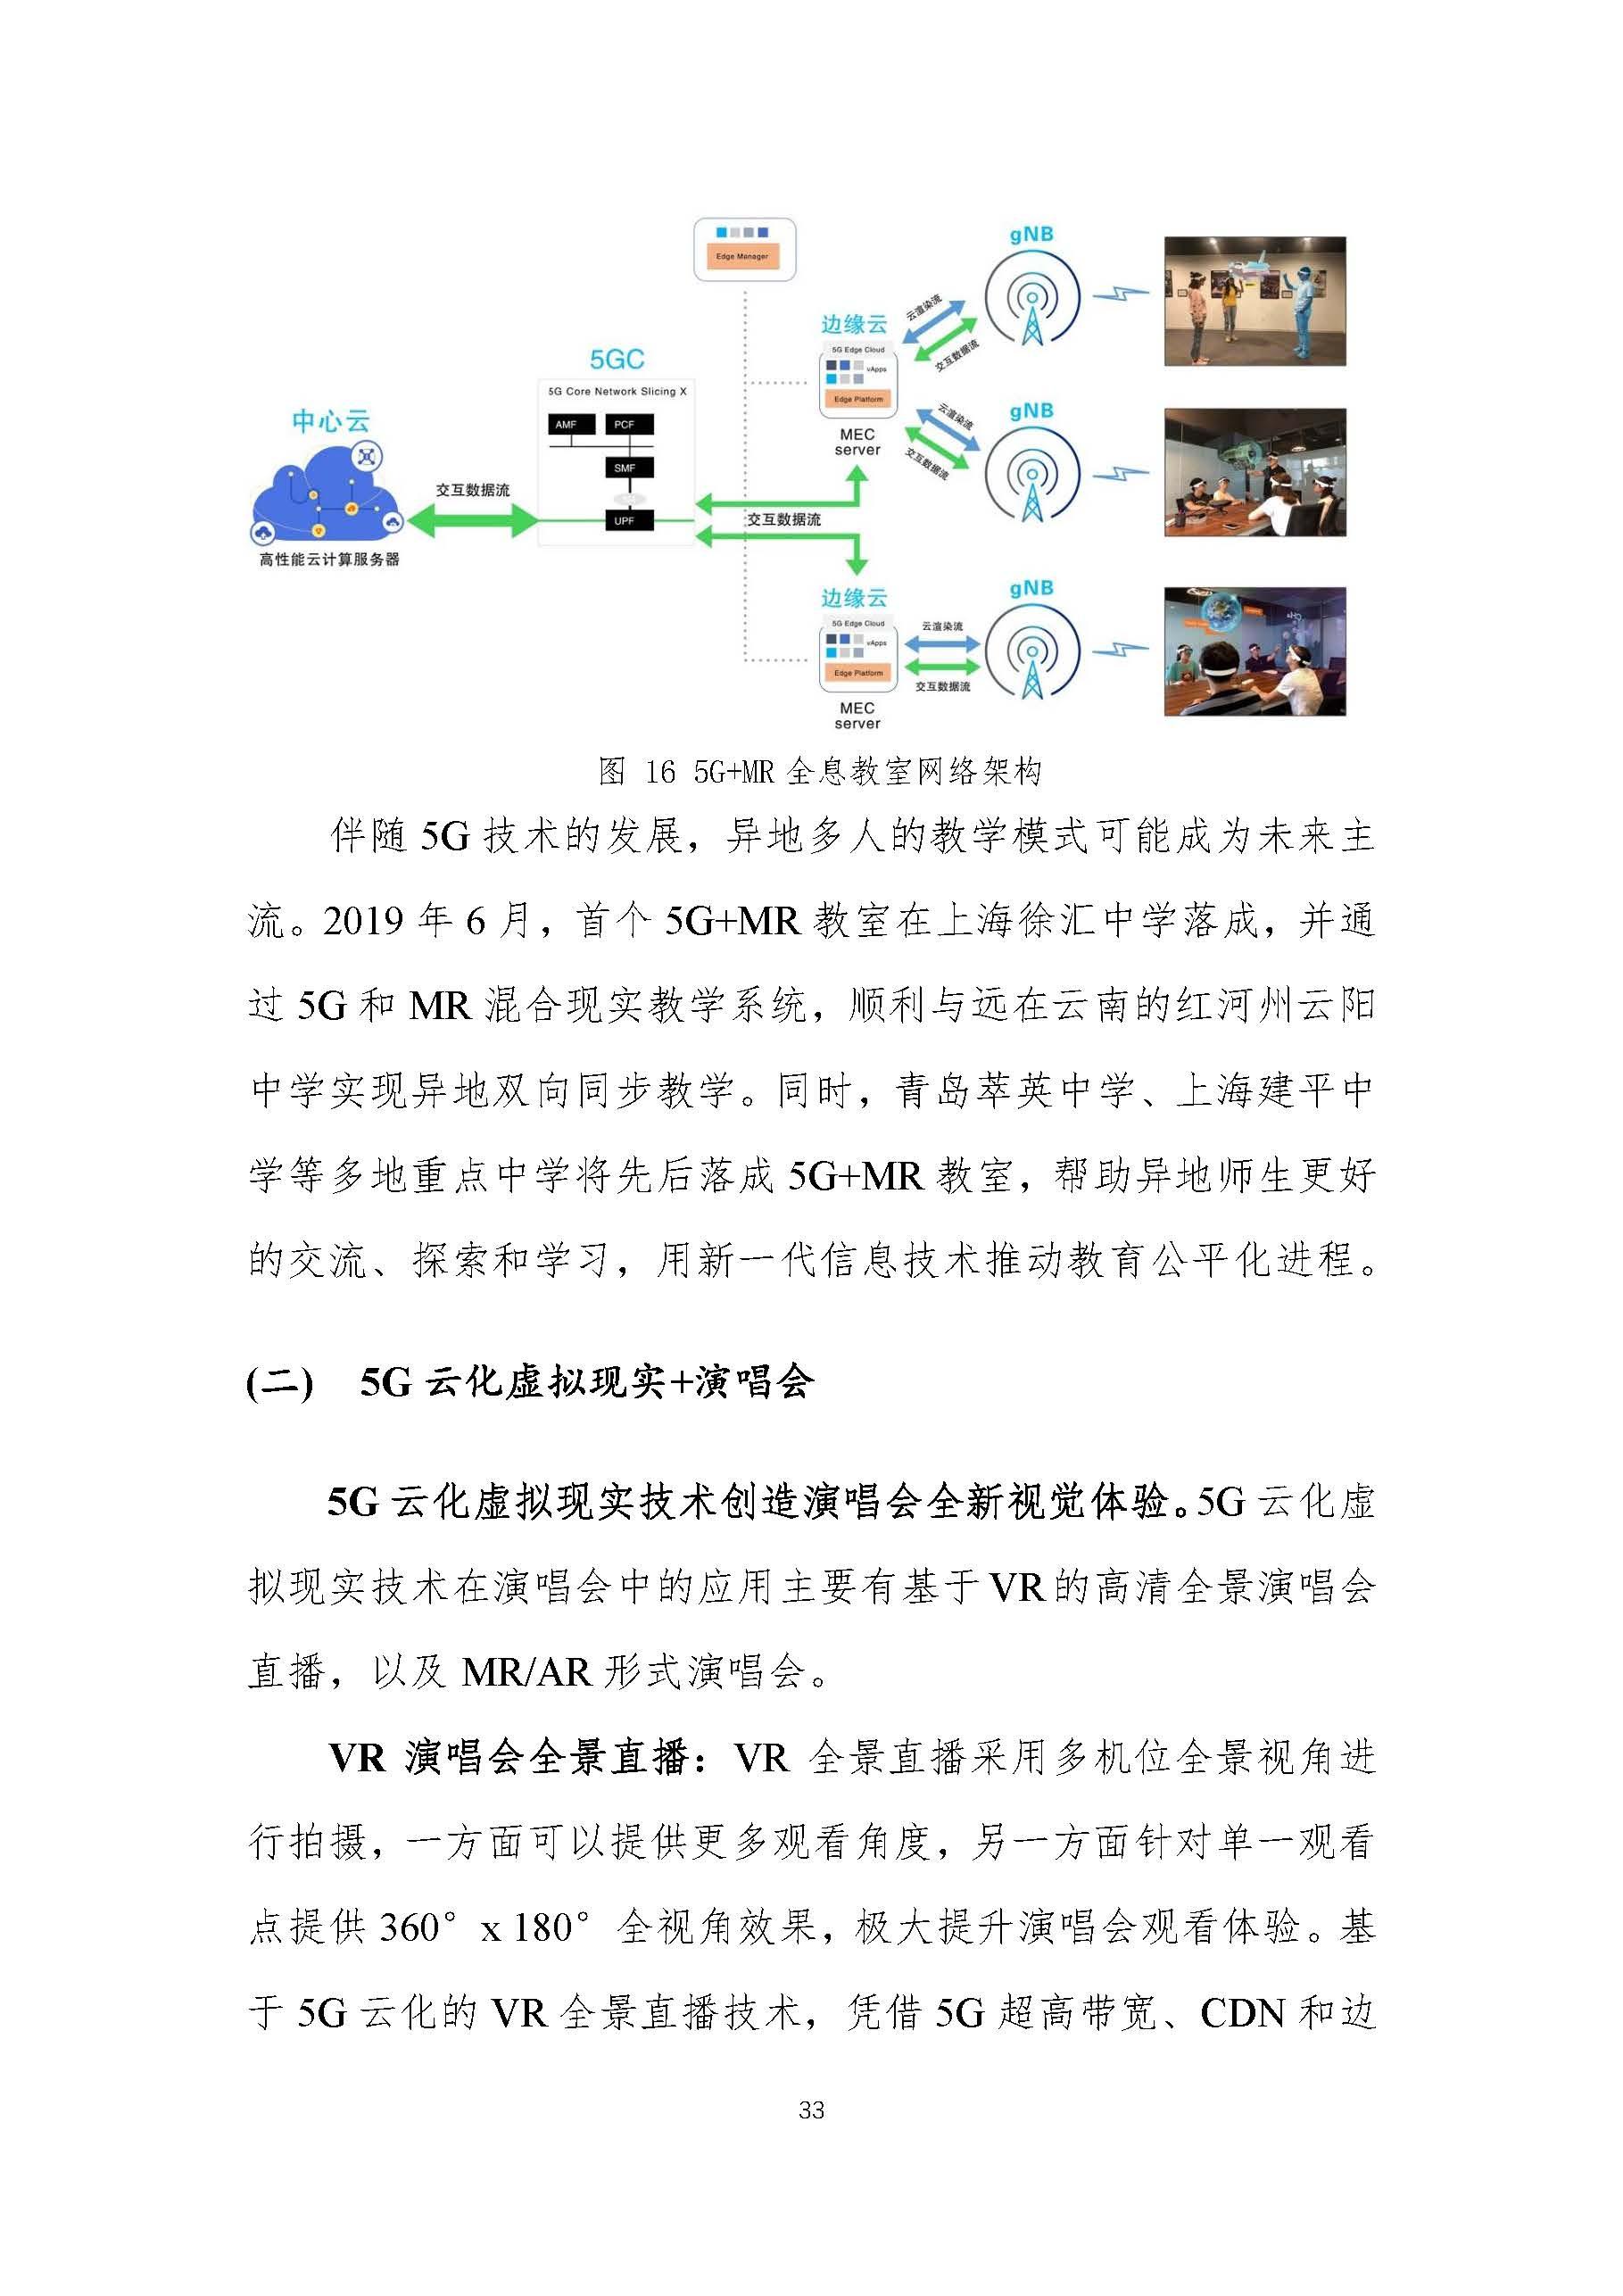 北京5G产业白皮书真相是什么?北京5G产业白皮书时间过程详解